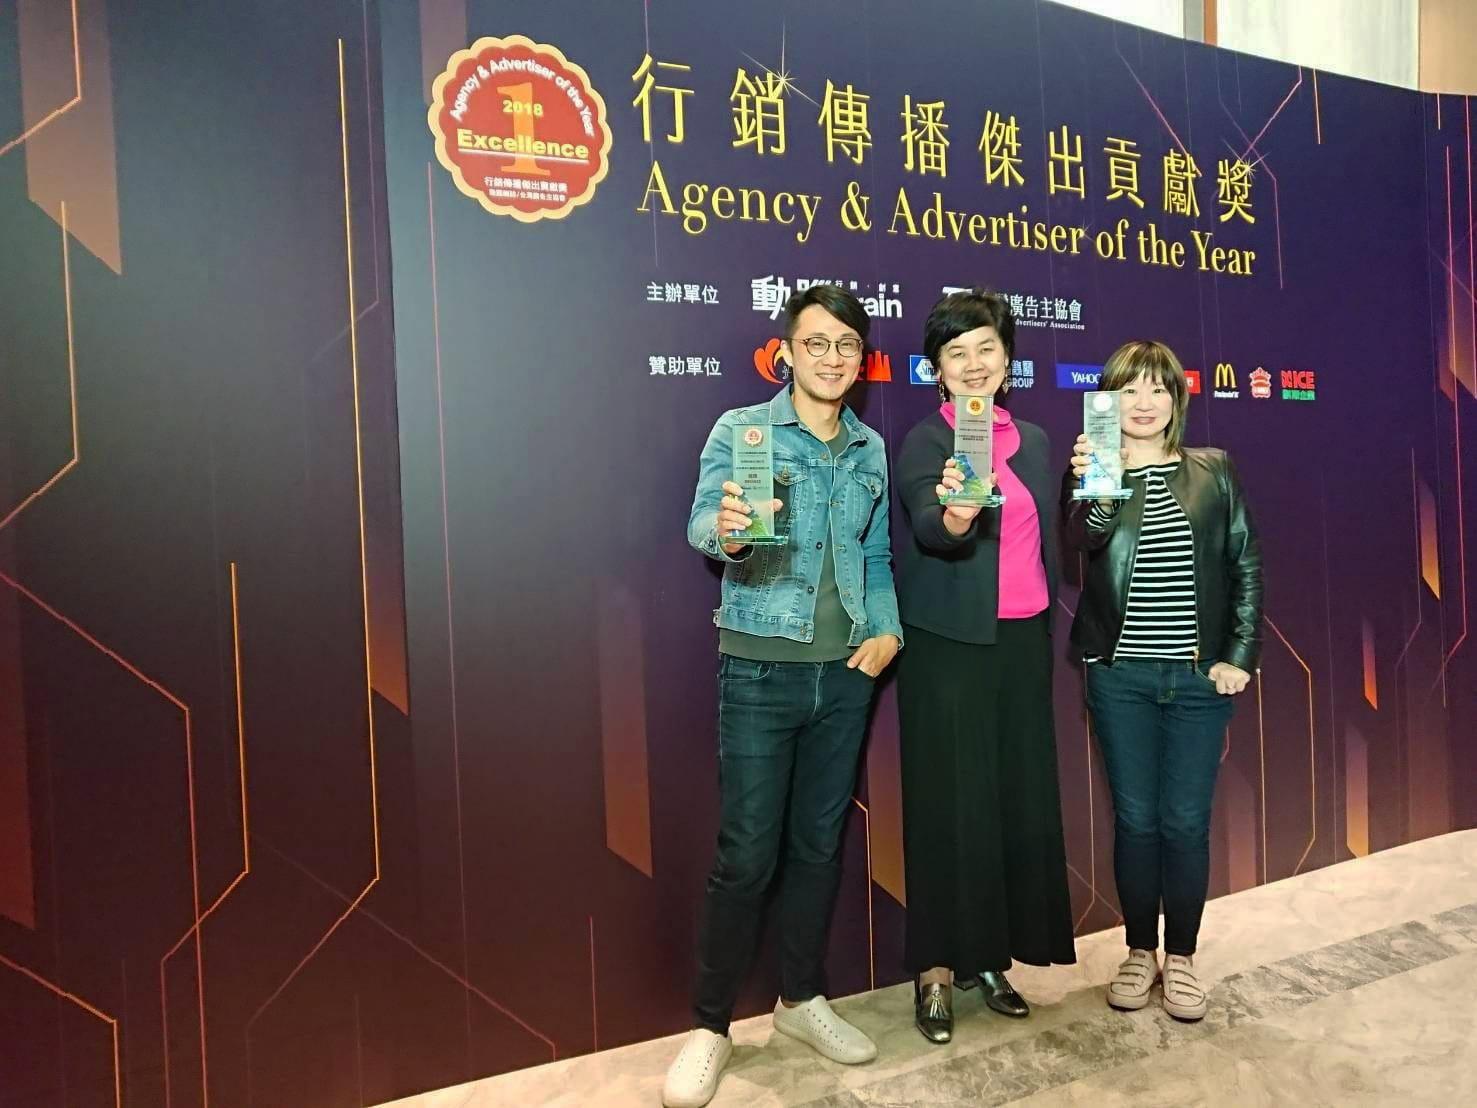 安布思沛台灣勇奪「2018 行銷傳播傑出貢獻獎」數位類金銀銅三大獎肯定